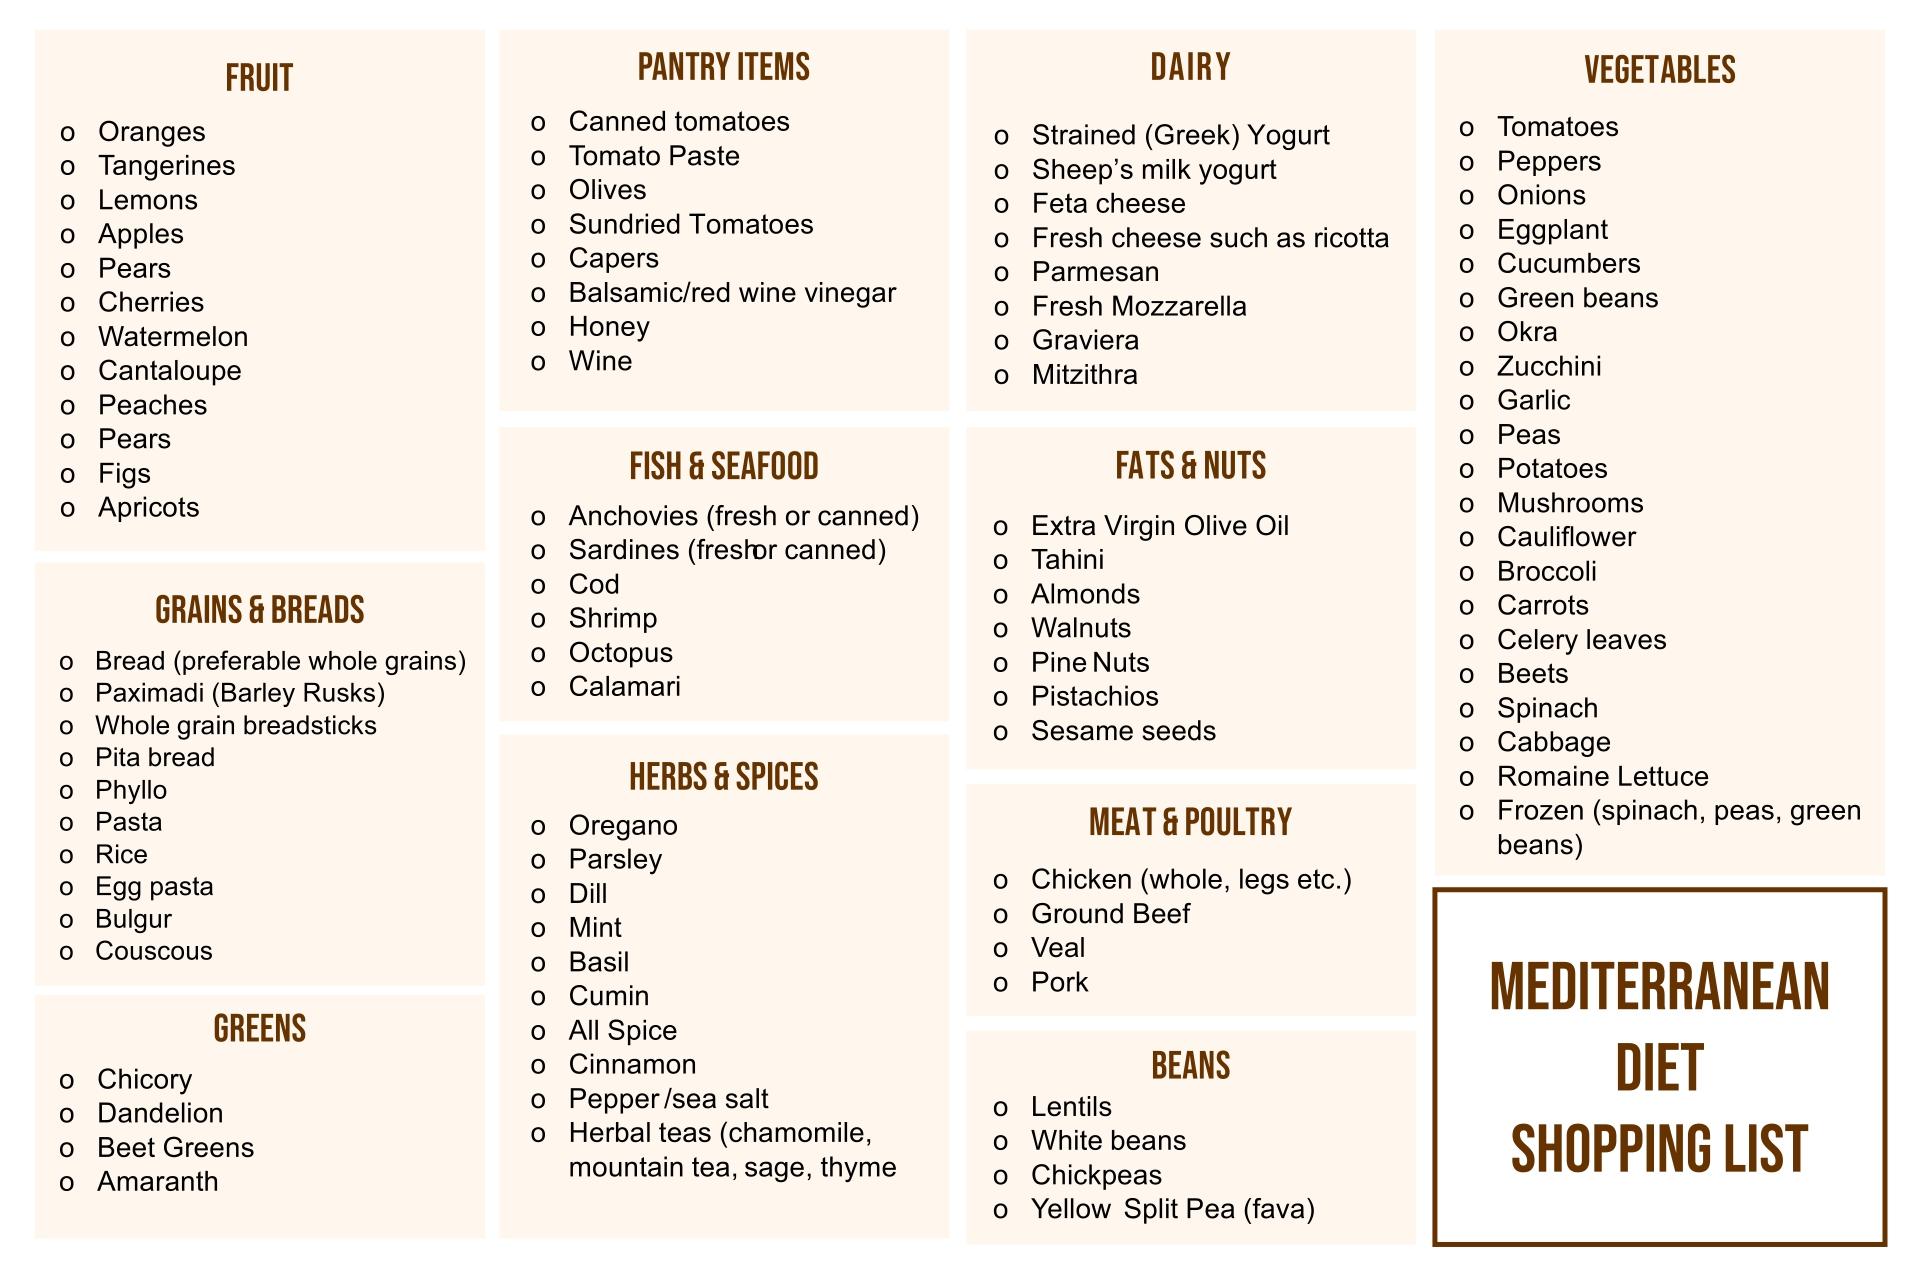 Mediterranean Diet Food Shopping List